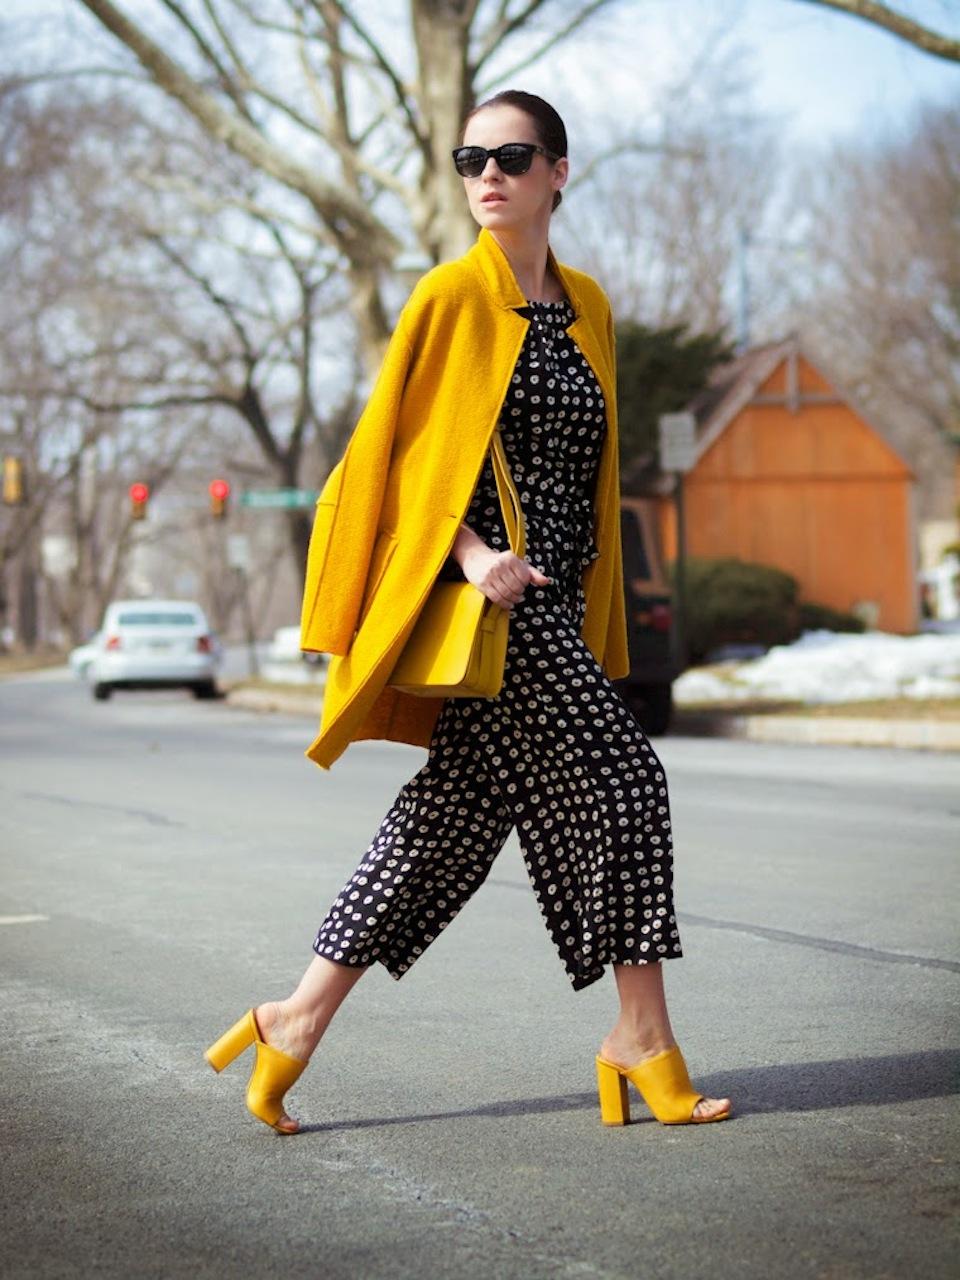 Diện trang phục công sở sành điệu như hai nữ giám đốc công ty thời trang 13